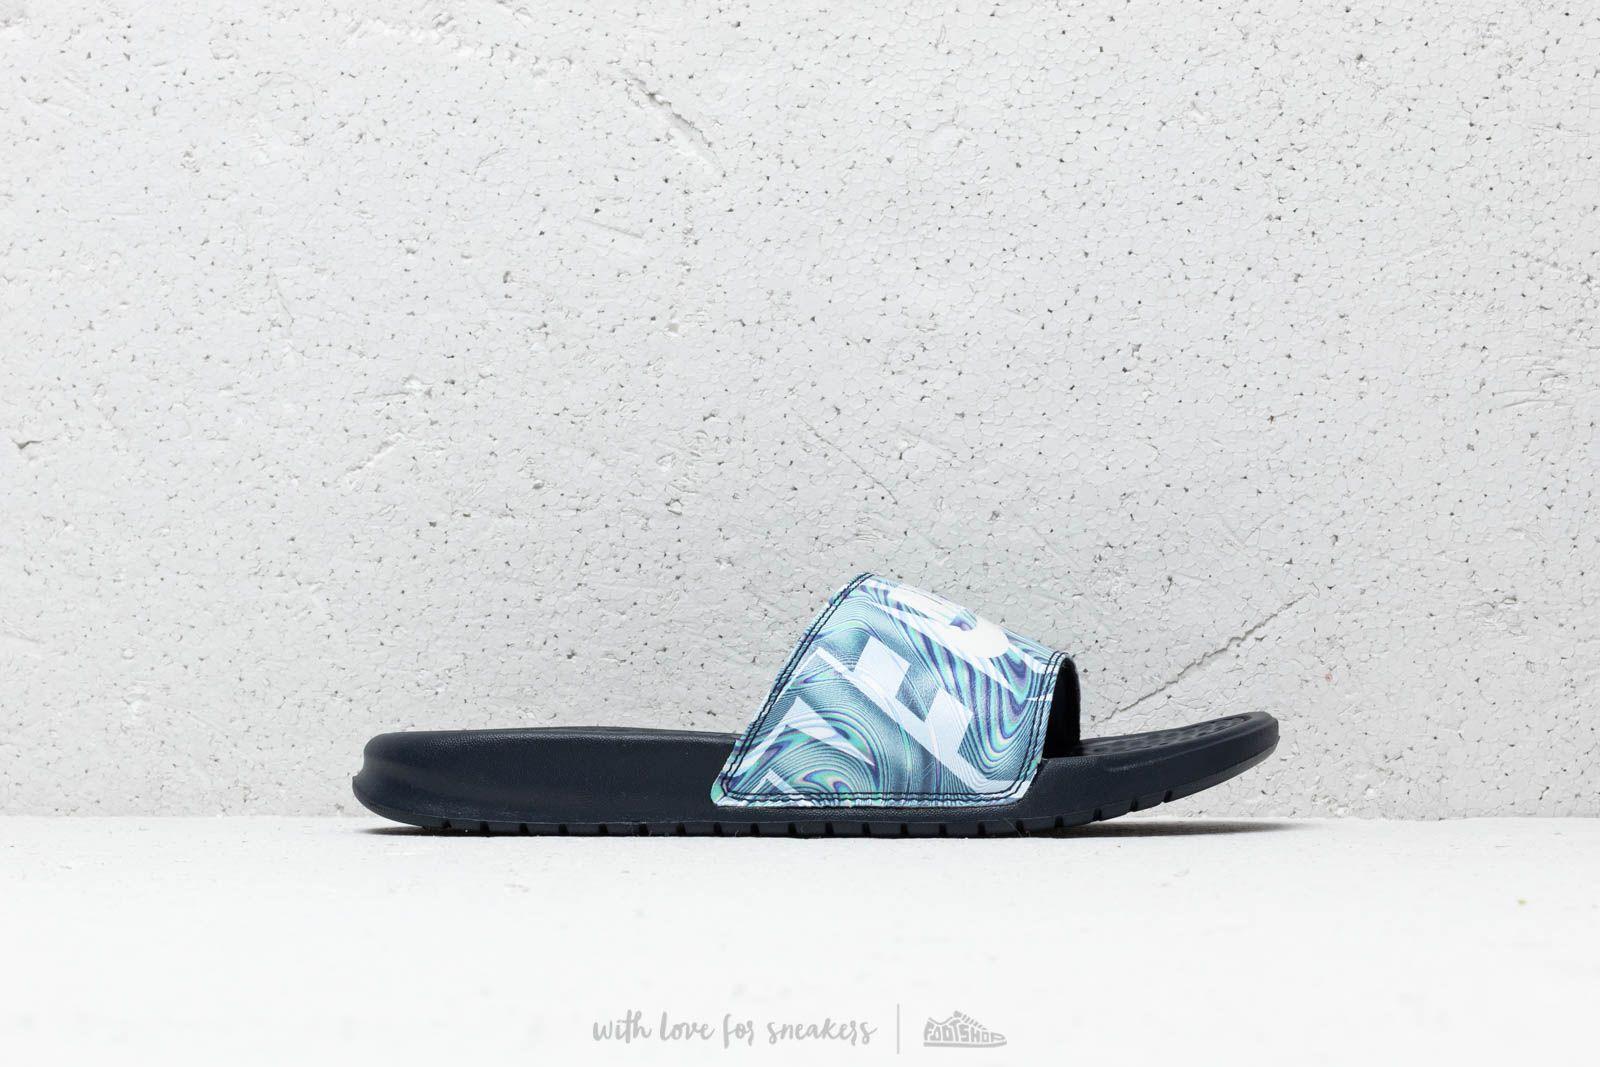 39ff86ba0422 Nike Benassi Jdi Print Obsidian/ Summit White nagyszerű árakon 9 951 Ft  vásárolj a Footshopban